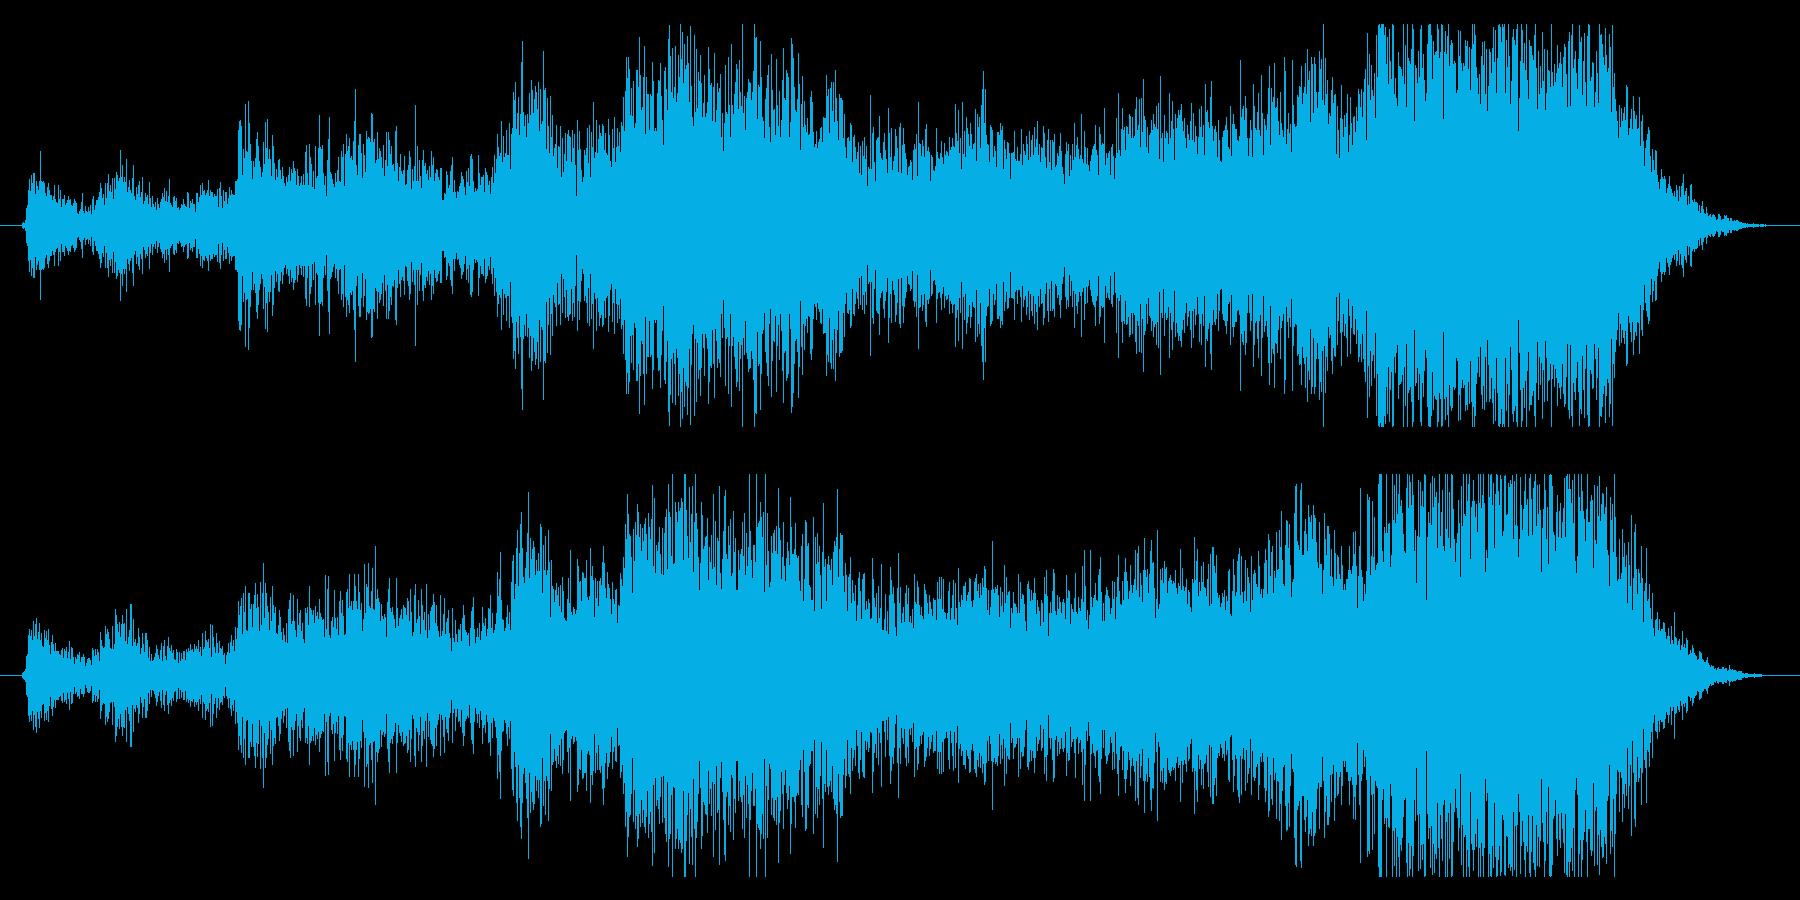 地に響く雷の音の再生済みの波形